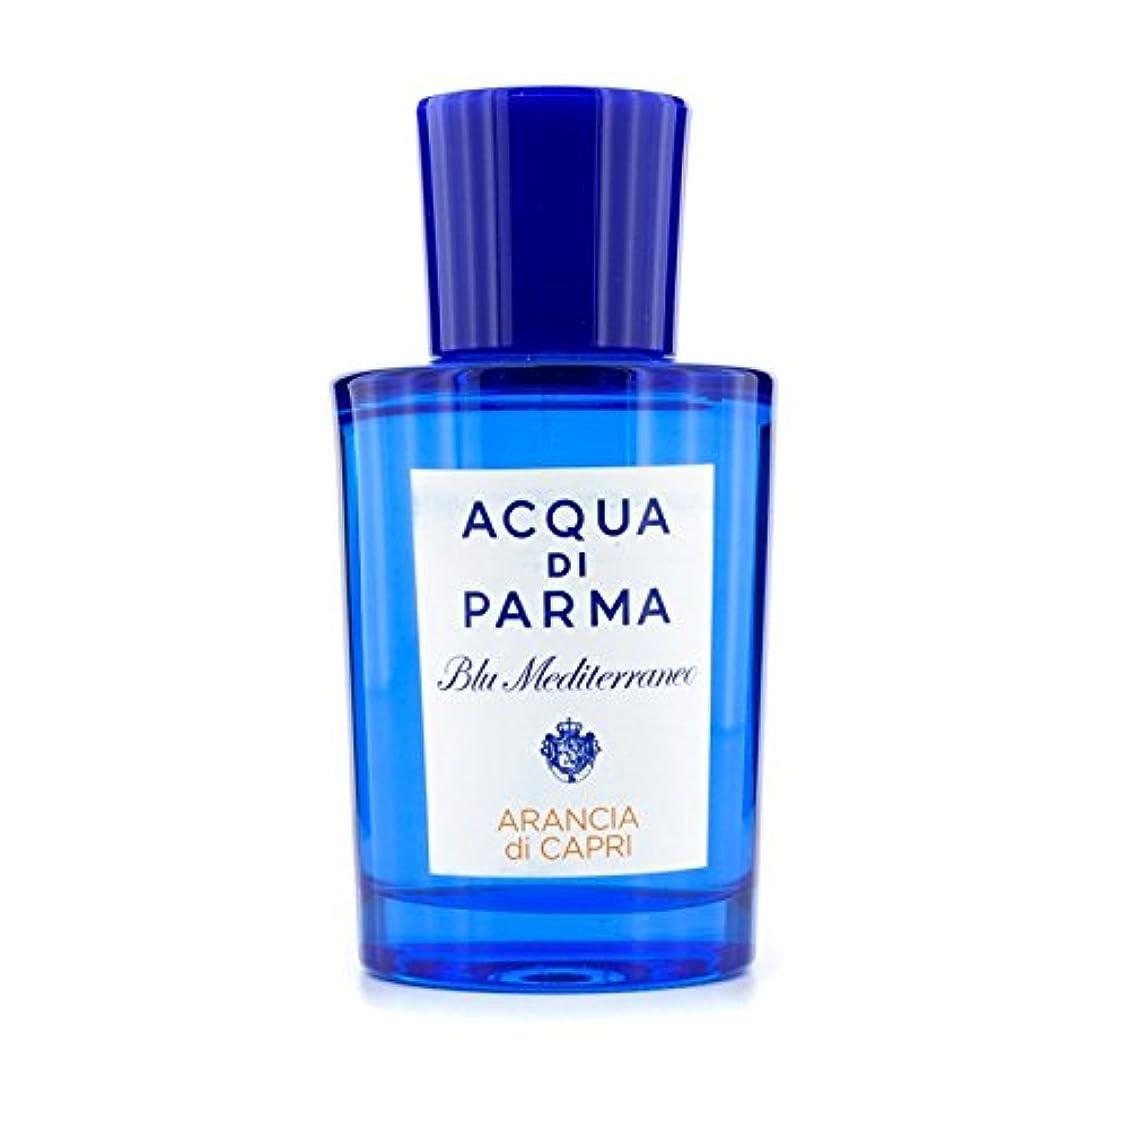 表現未使用居間アクアディパルマ Acqua di Parma ブルーメディテラネオ アランシア ディ カプリ 75ml EDT オーデトワレスプレー